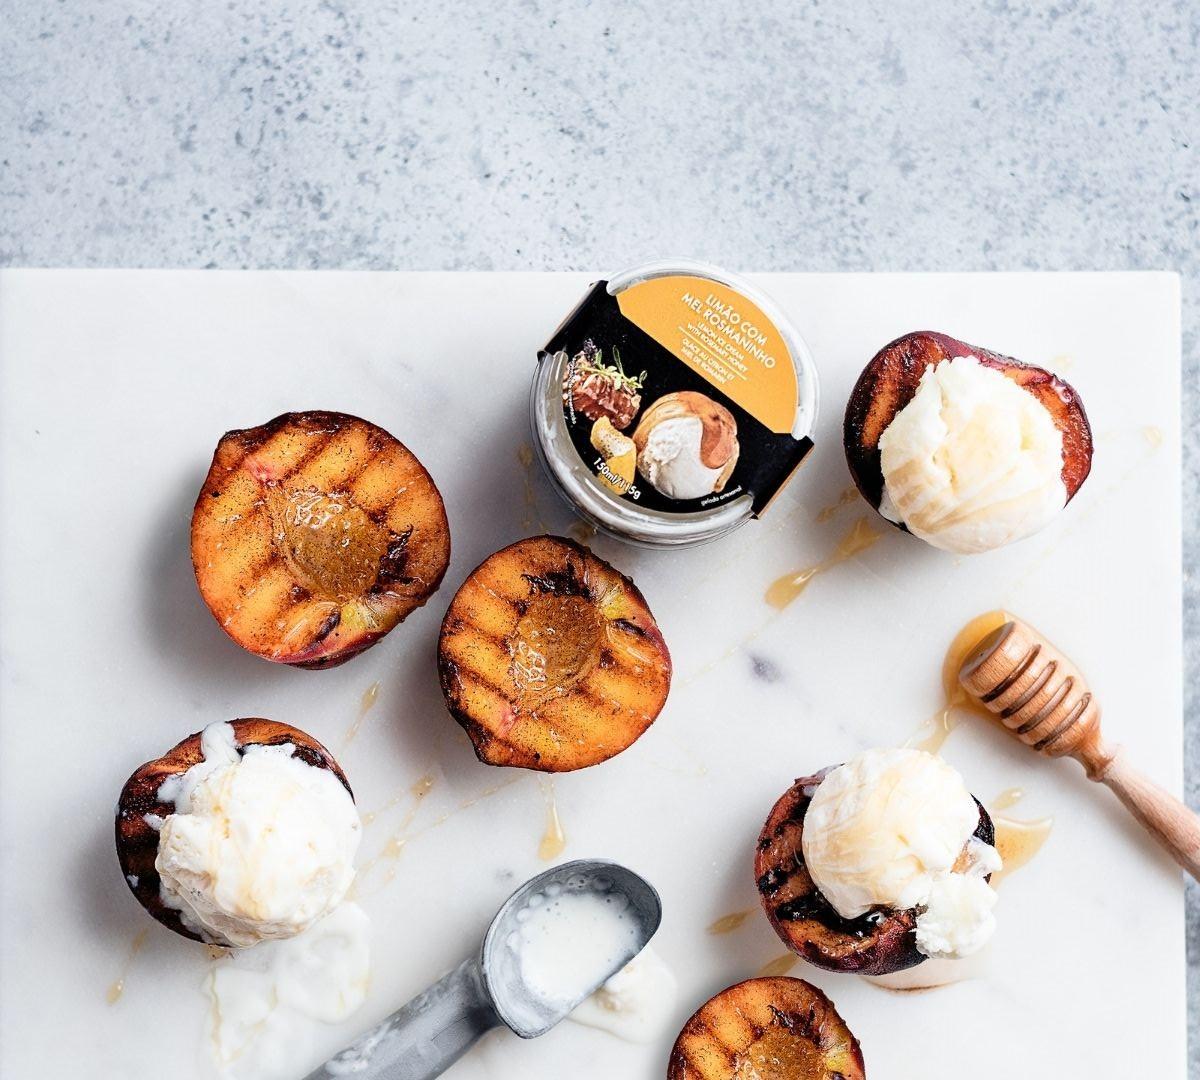 Pêssegos grelhados com gelado de Limão com Mel e Rosmaninho